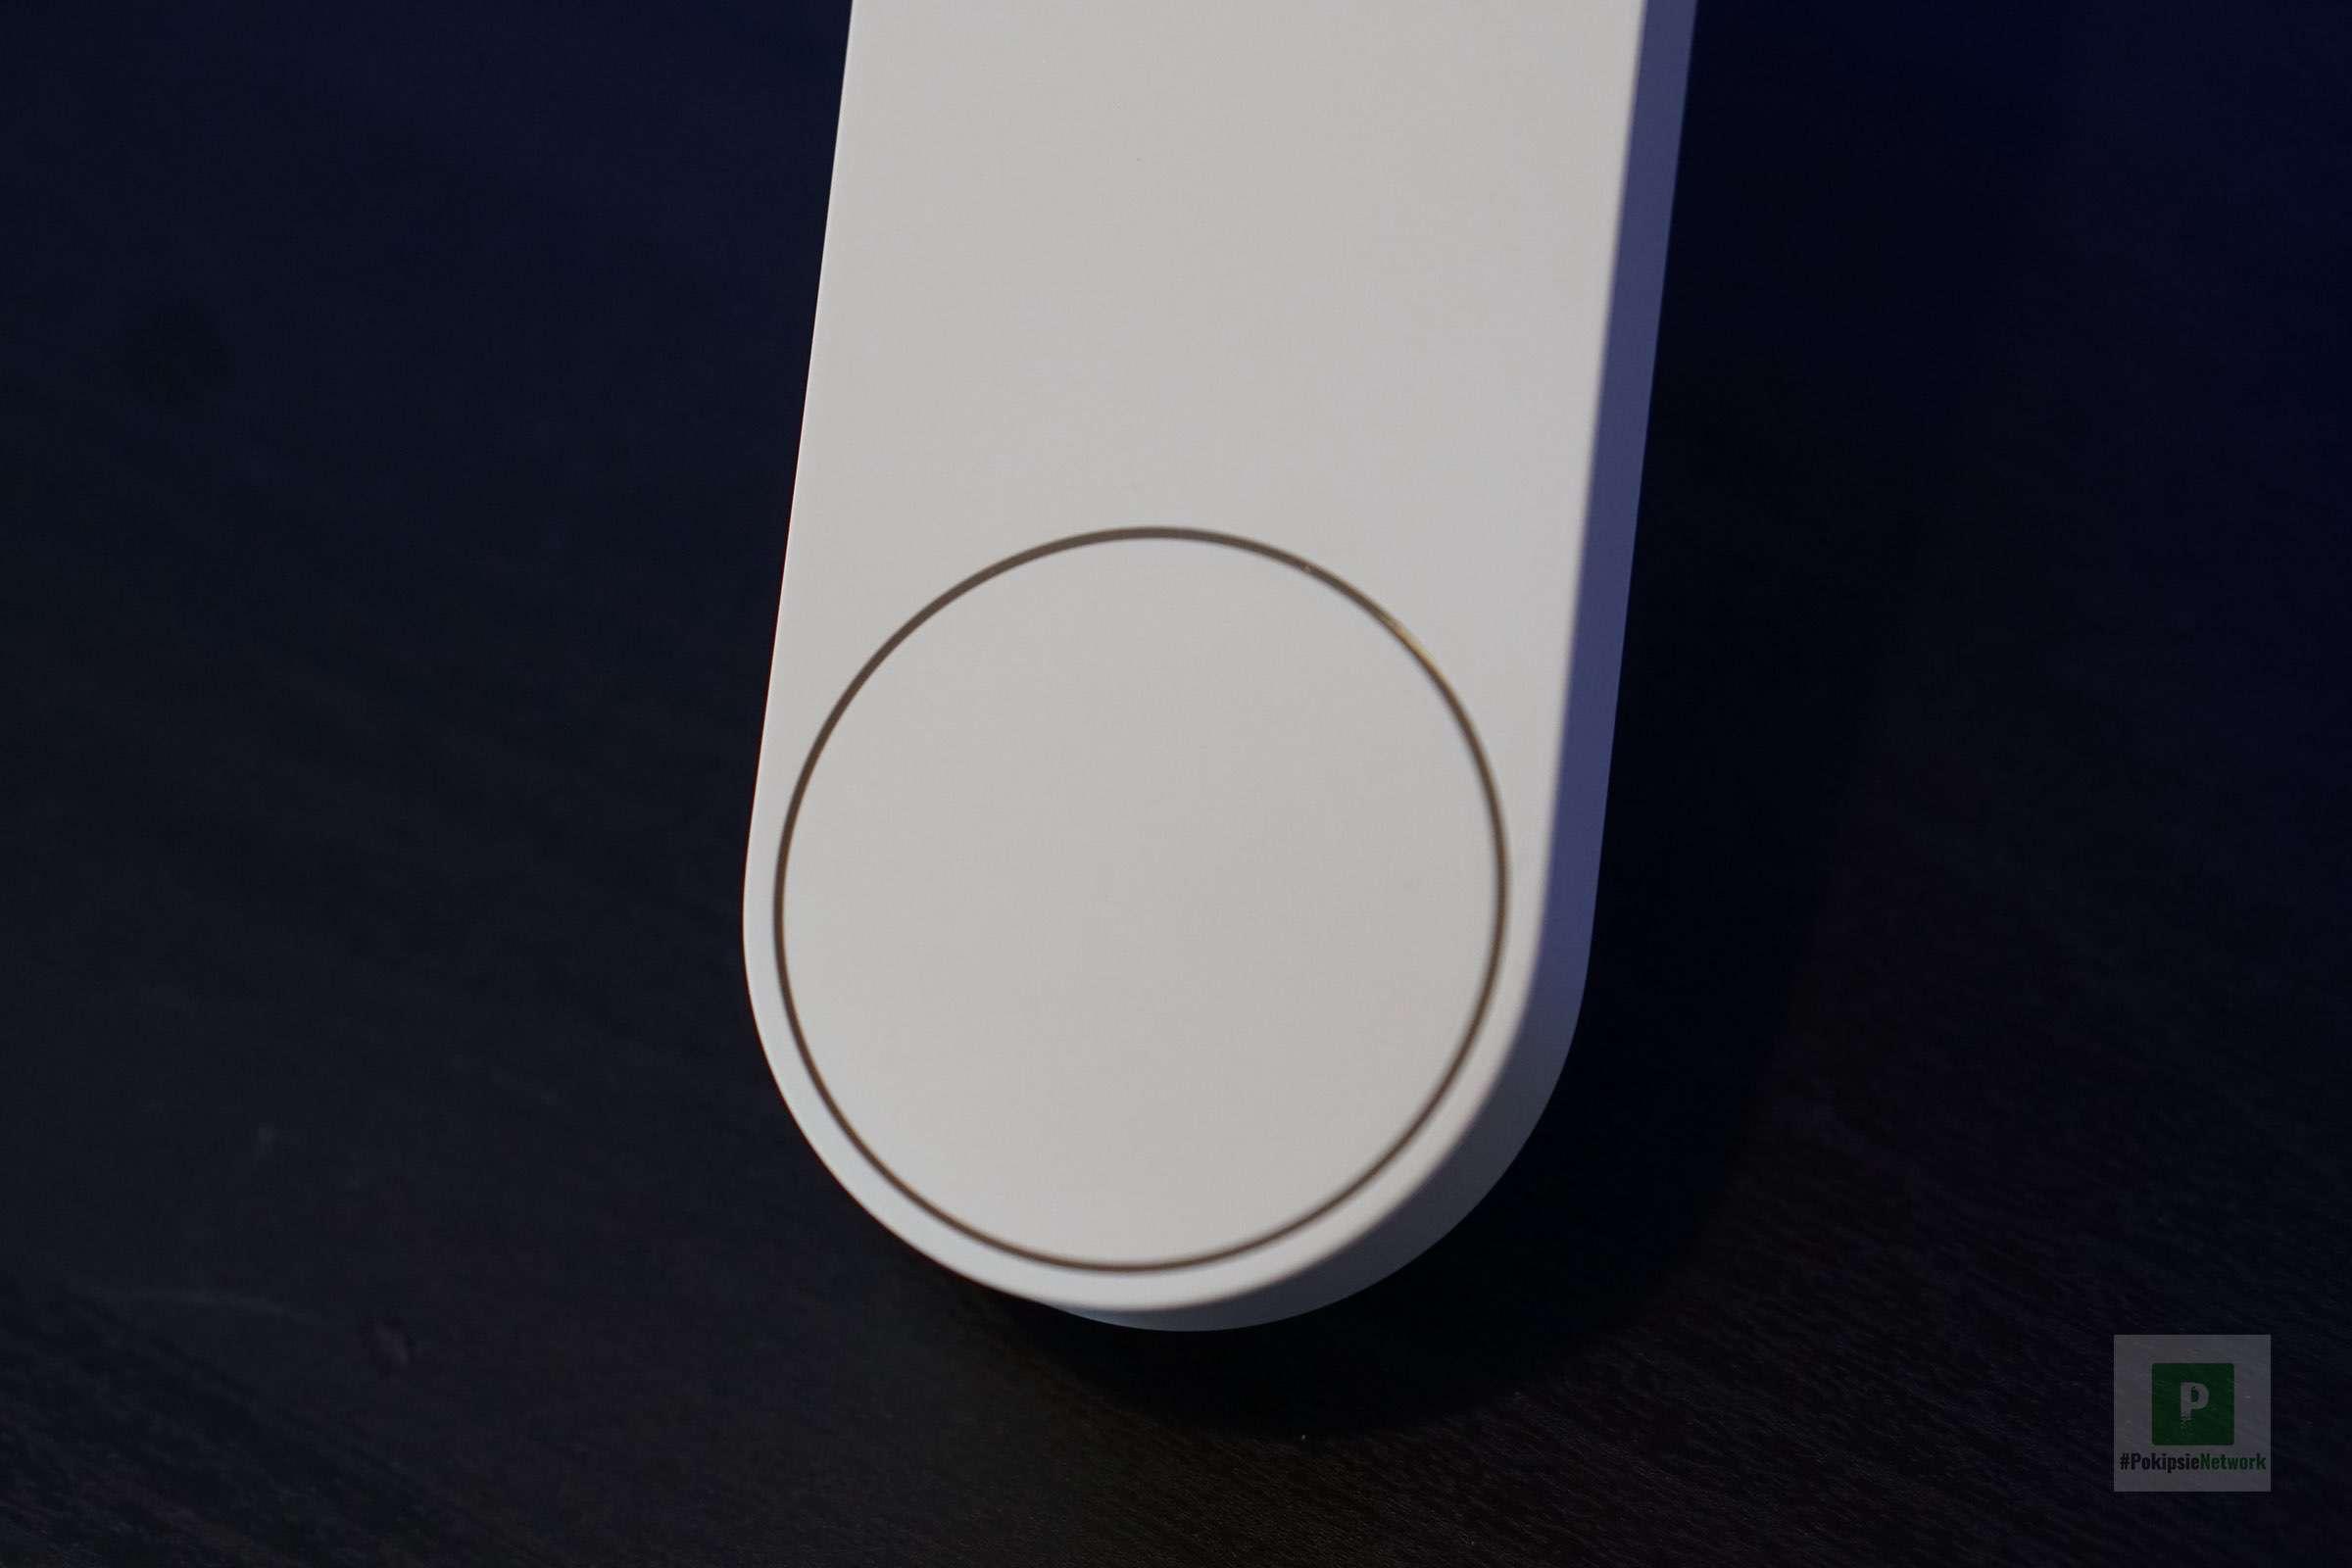 Der Knopf für die Klingel